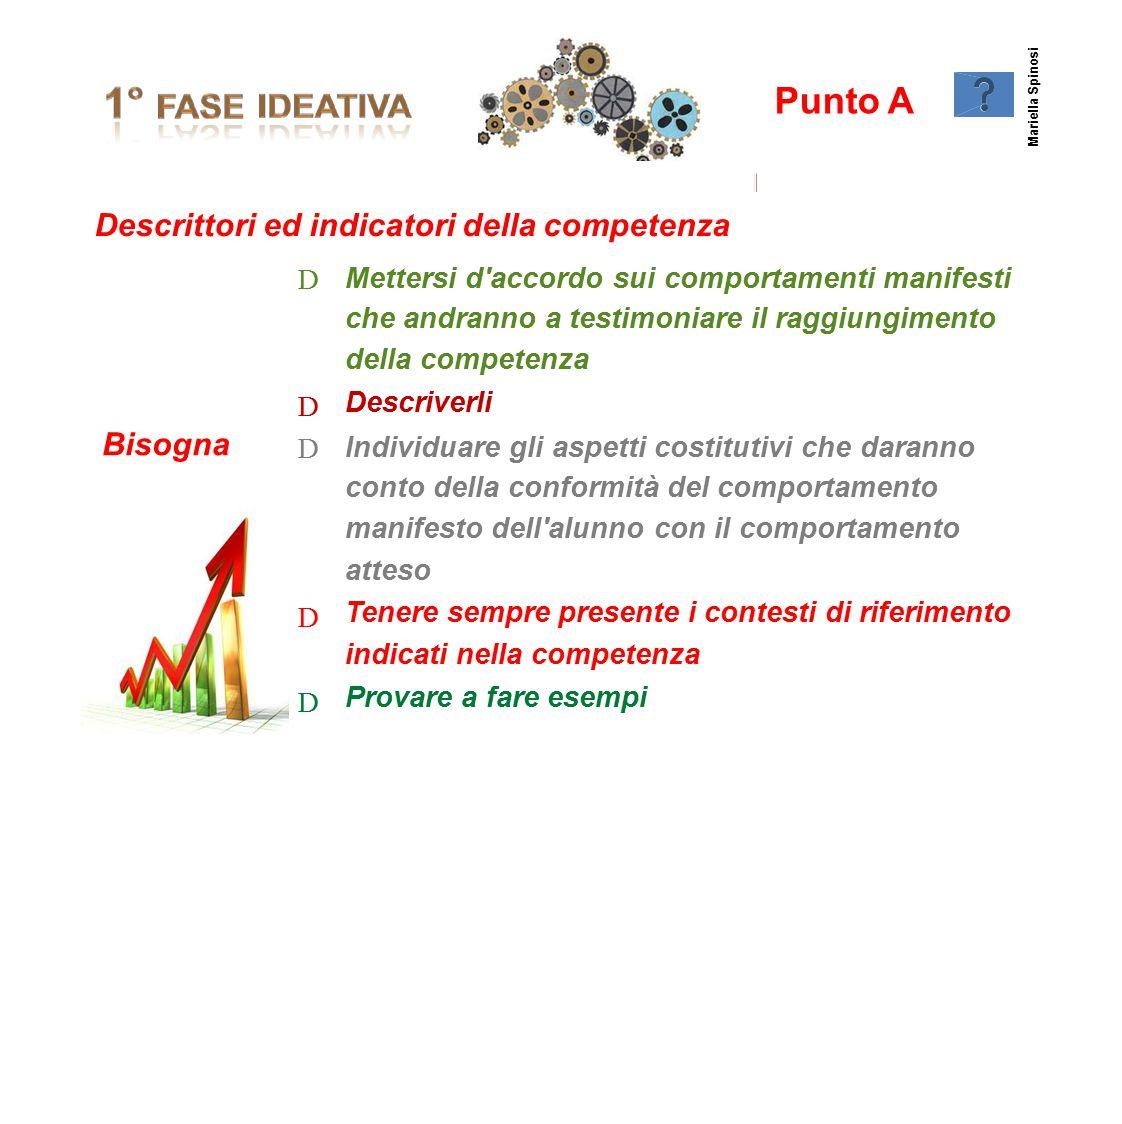 Punto A Descrittoried indicatori della competenza D Mettersi d'accordo sui comportamenti manifesti che andranno a testimoniare il raggiungimento della